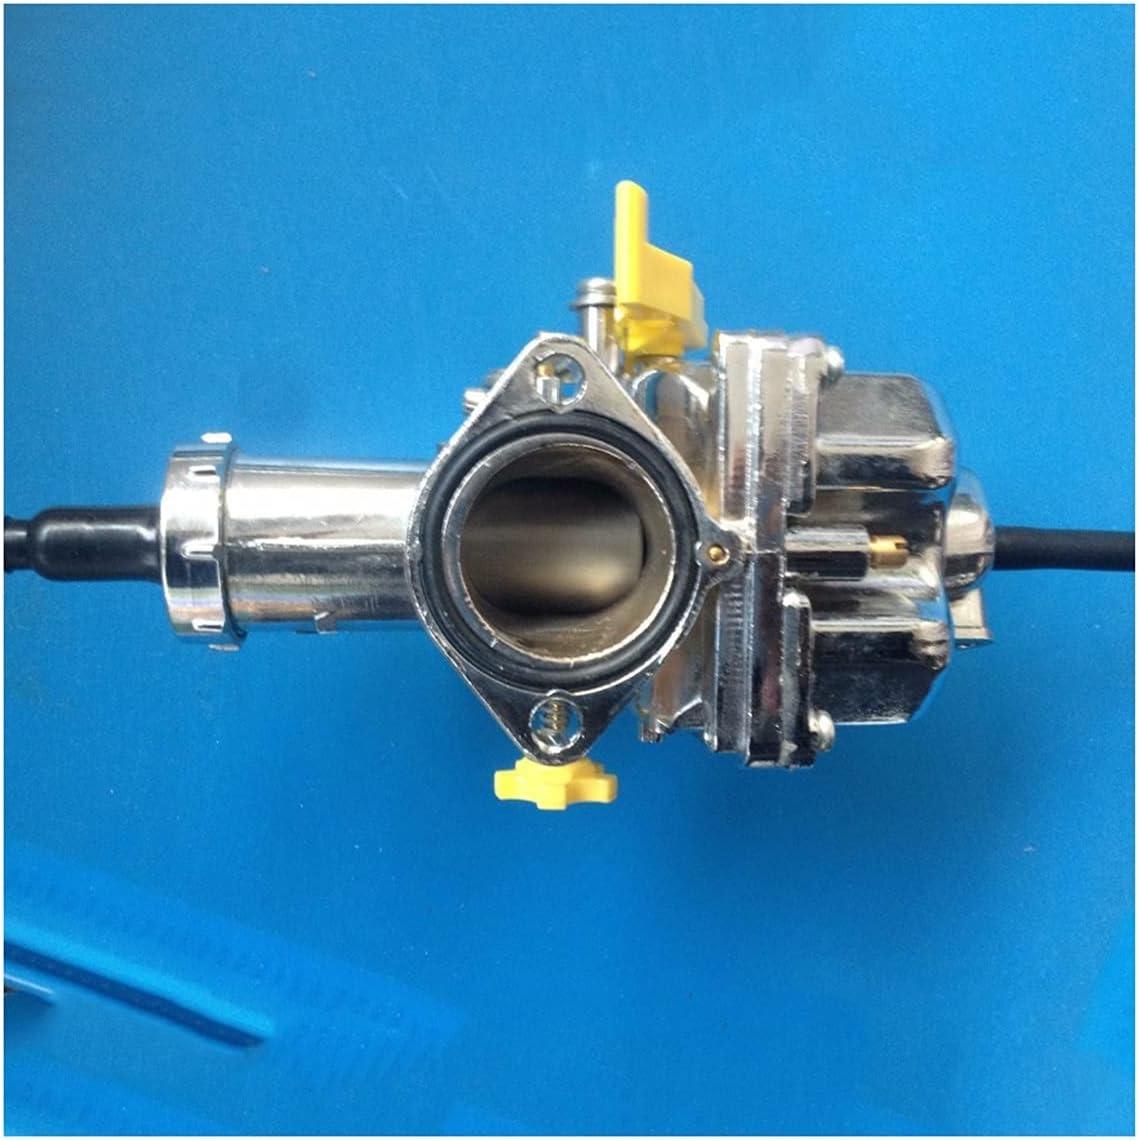 XMSH Carburetor Rebuild Regular dealer Kit Pz30 30mm Sale Special Price Chr